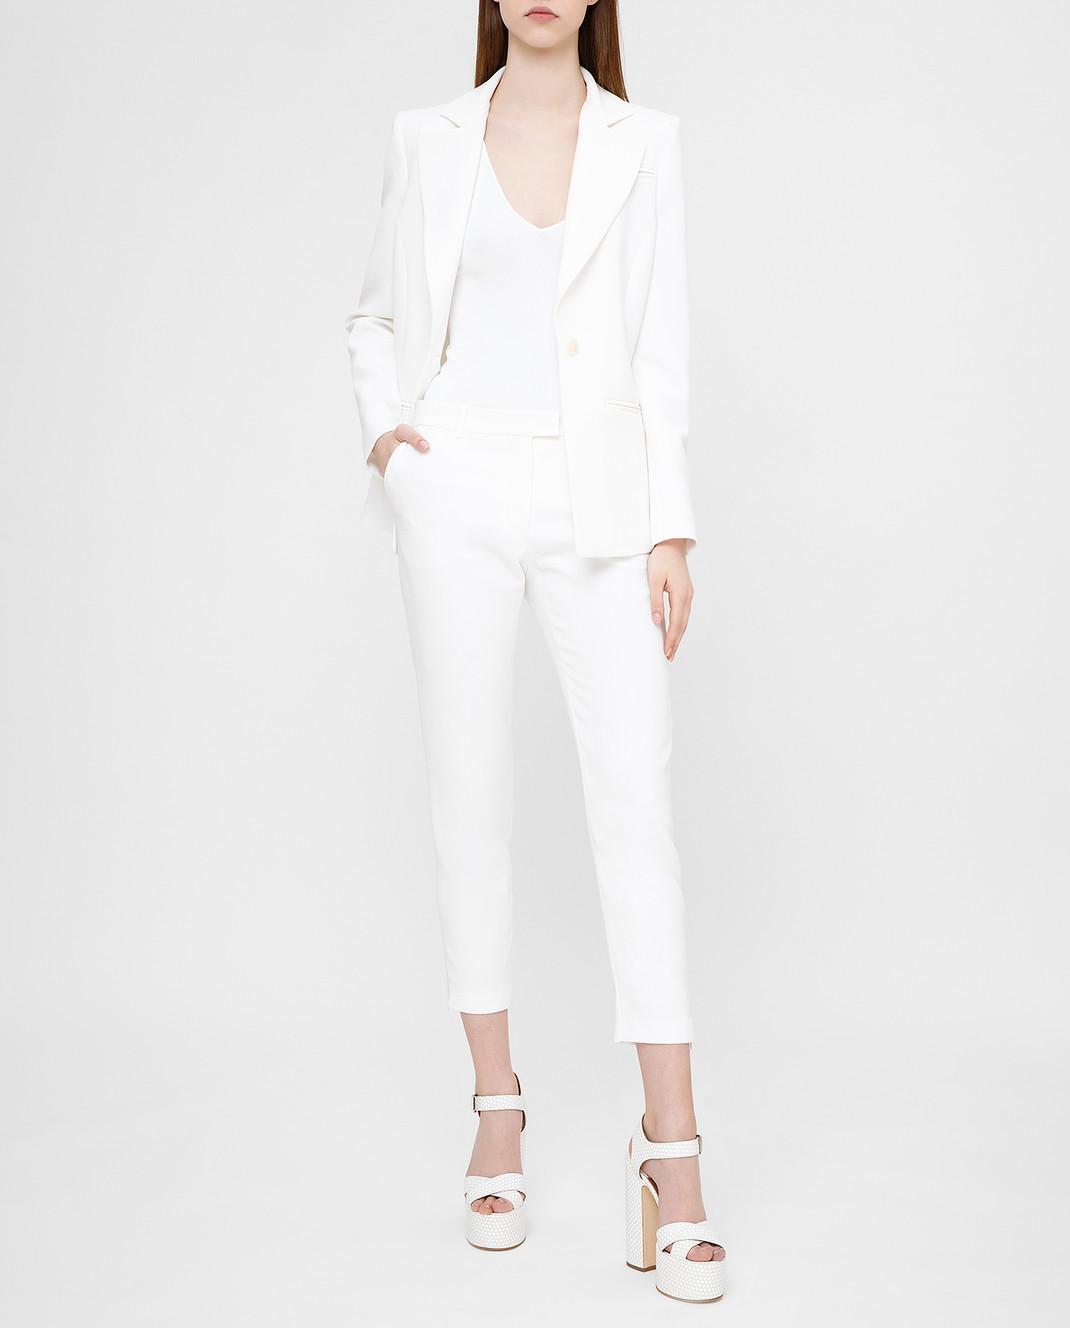 Altuzarra Белые брюки 119610089 изображение 2